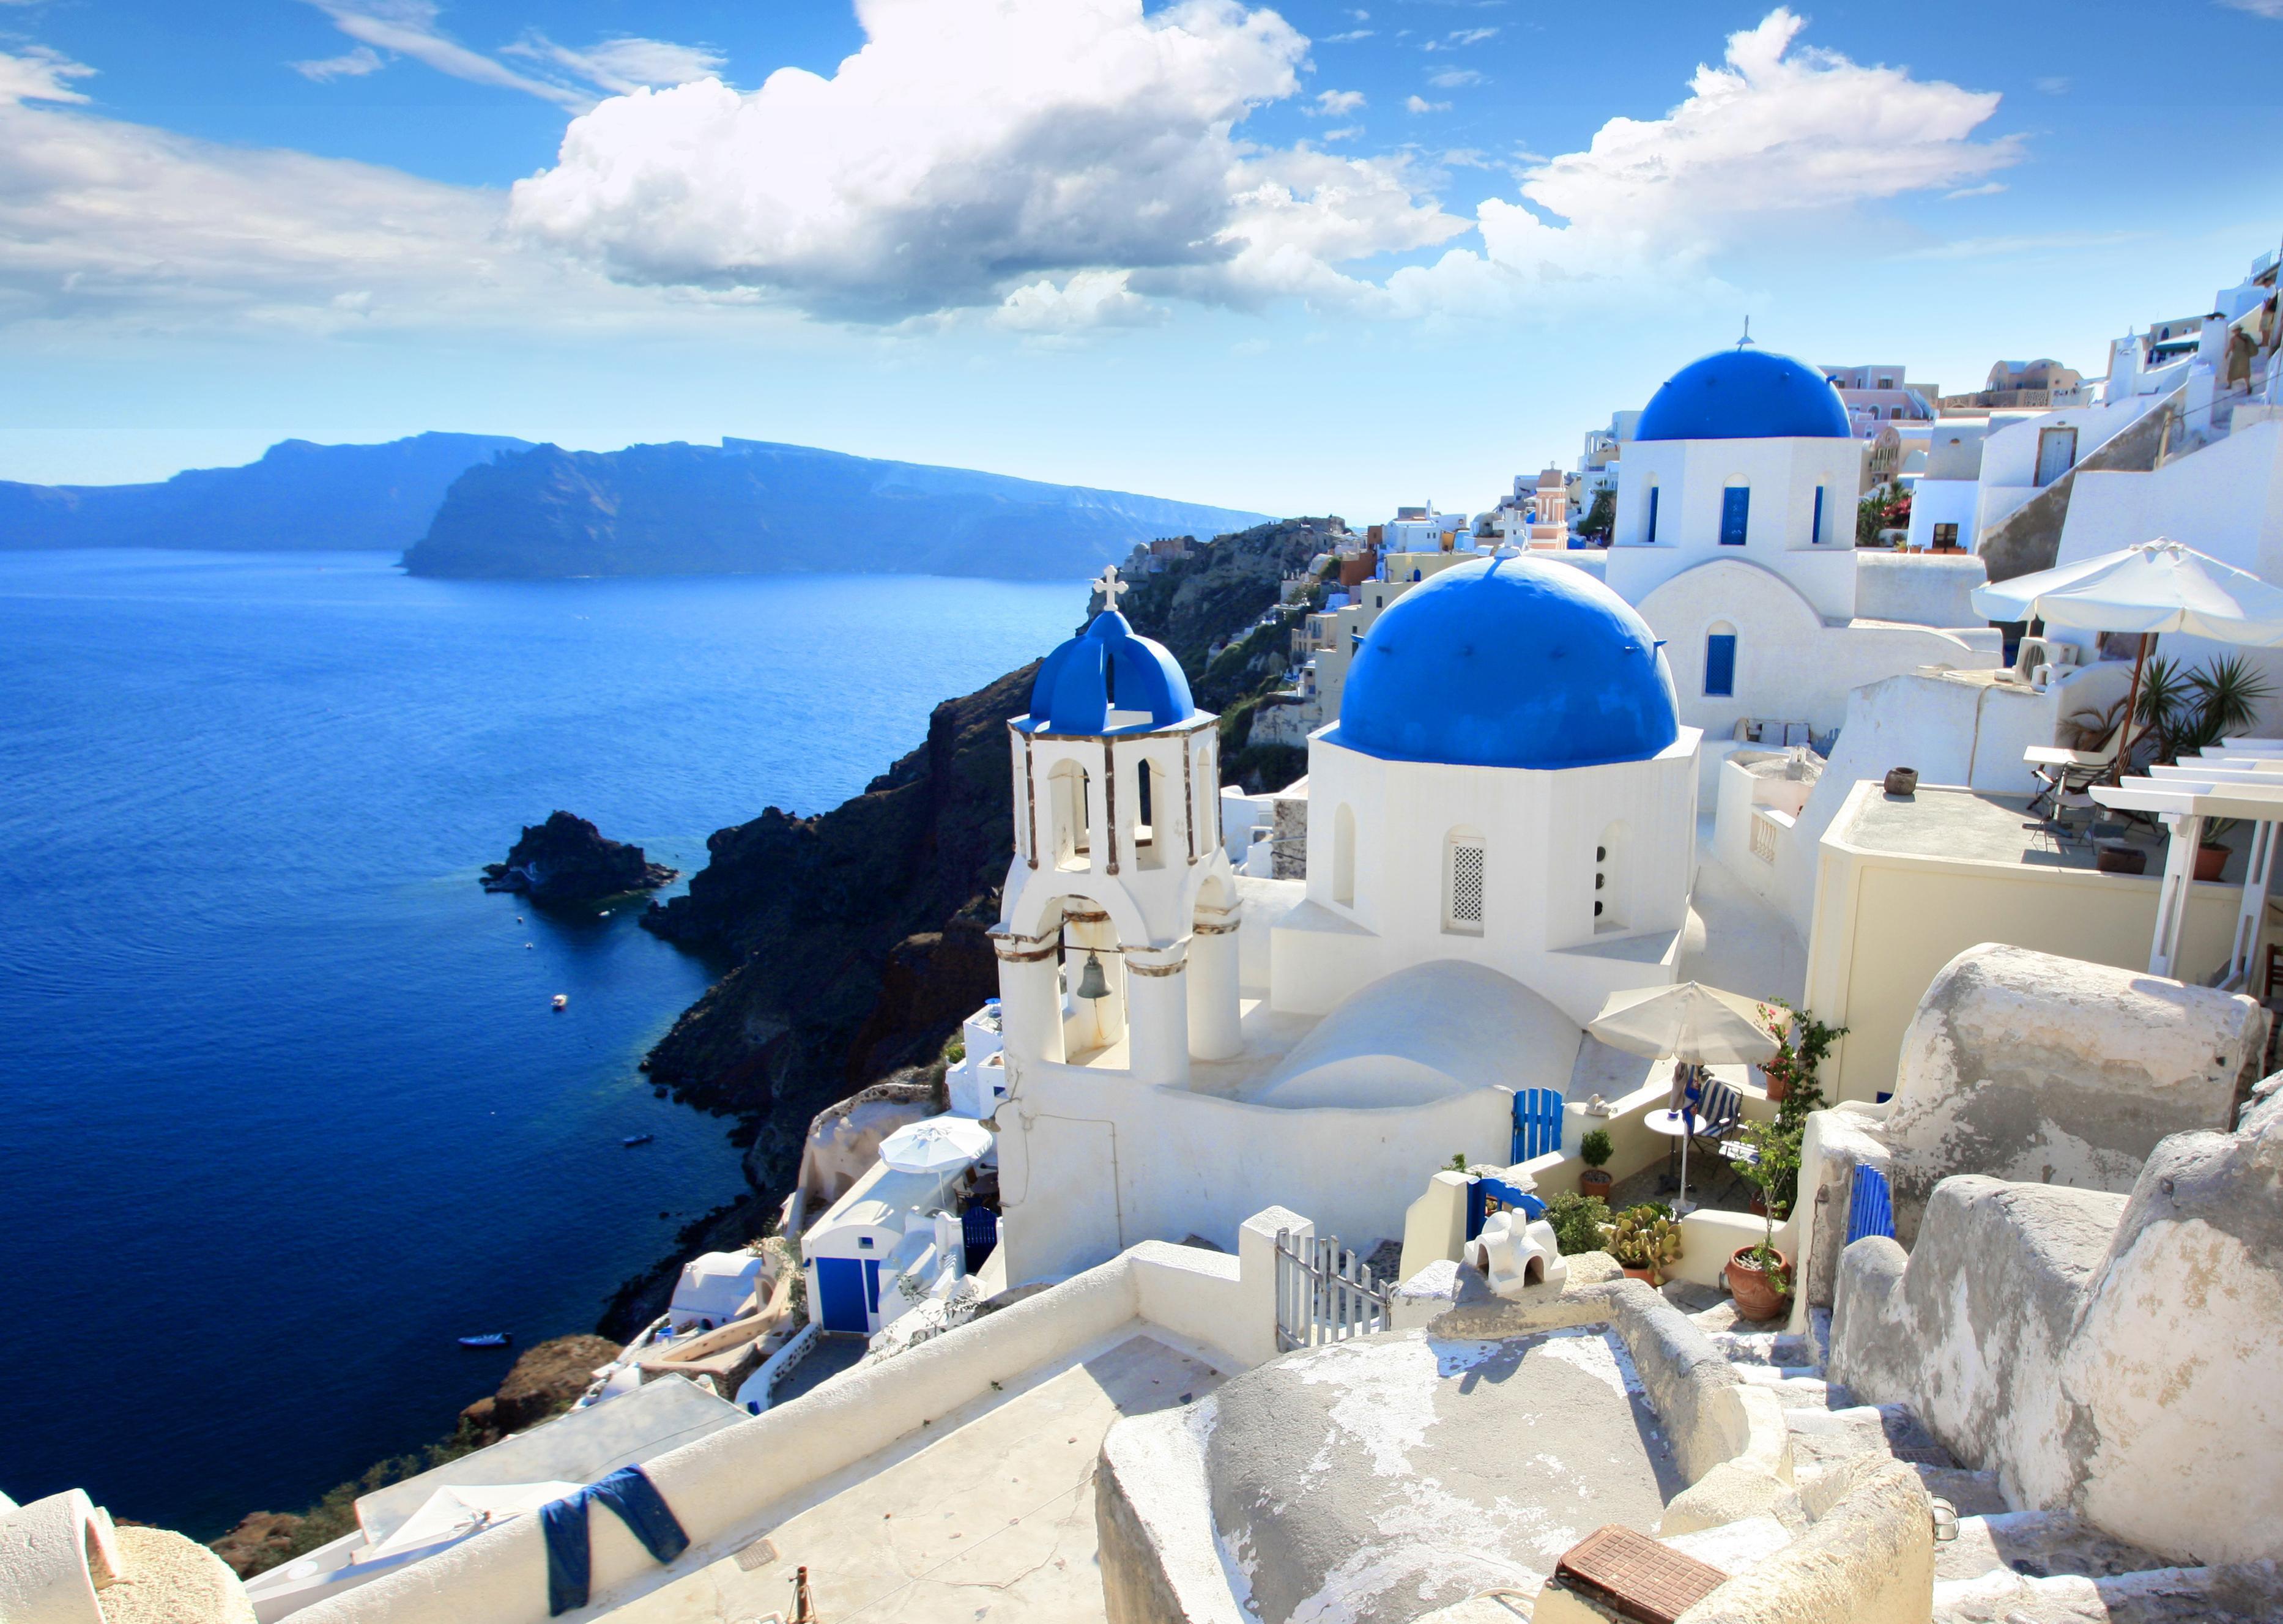 Circuito Grecia : TurquÍa grecia y rusia con crucero en las islas griegas travel